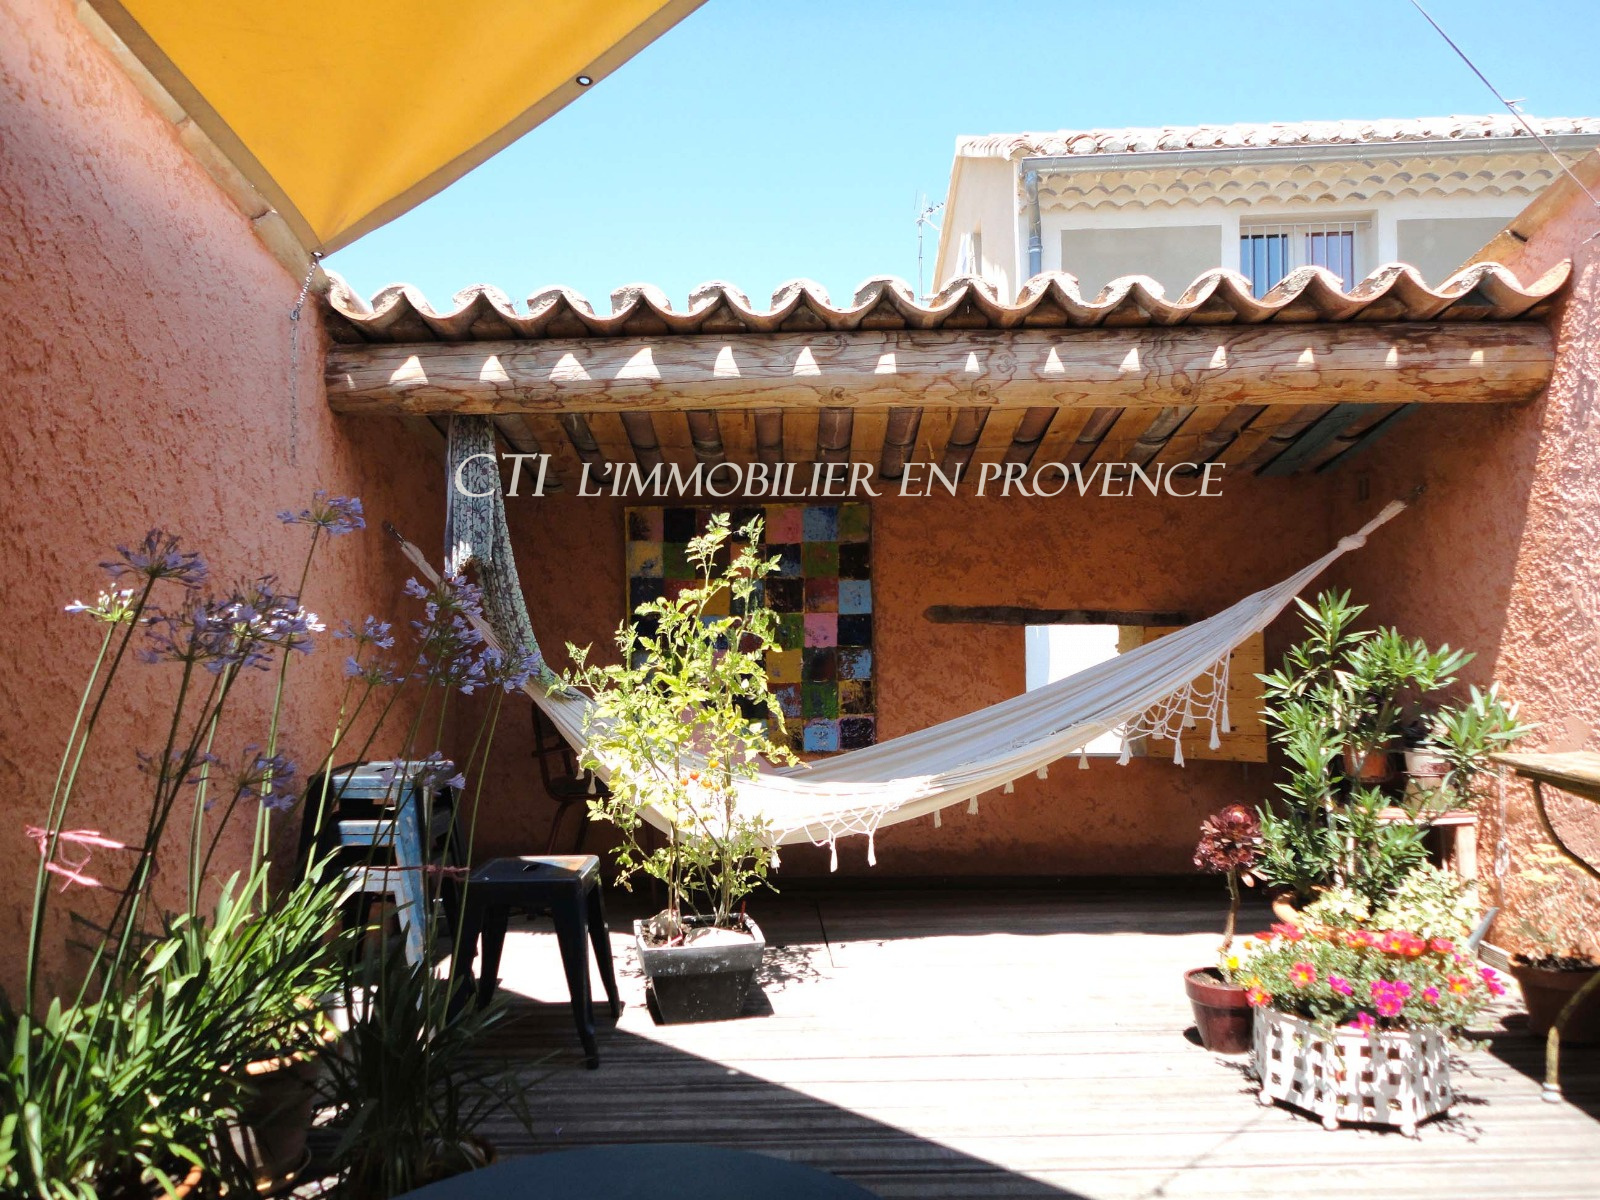 0 www.cti-provence.net  A VENDRE MAISON DE VILLAGE PIERRE TERRASSE CHARME 2 CHAMBRES CAVE